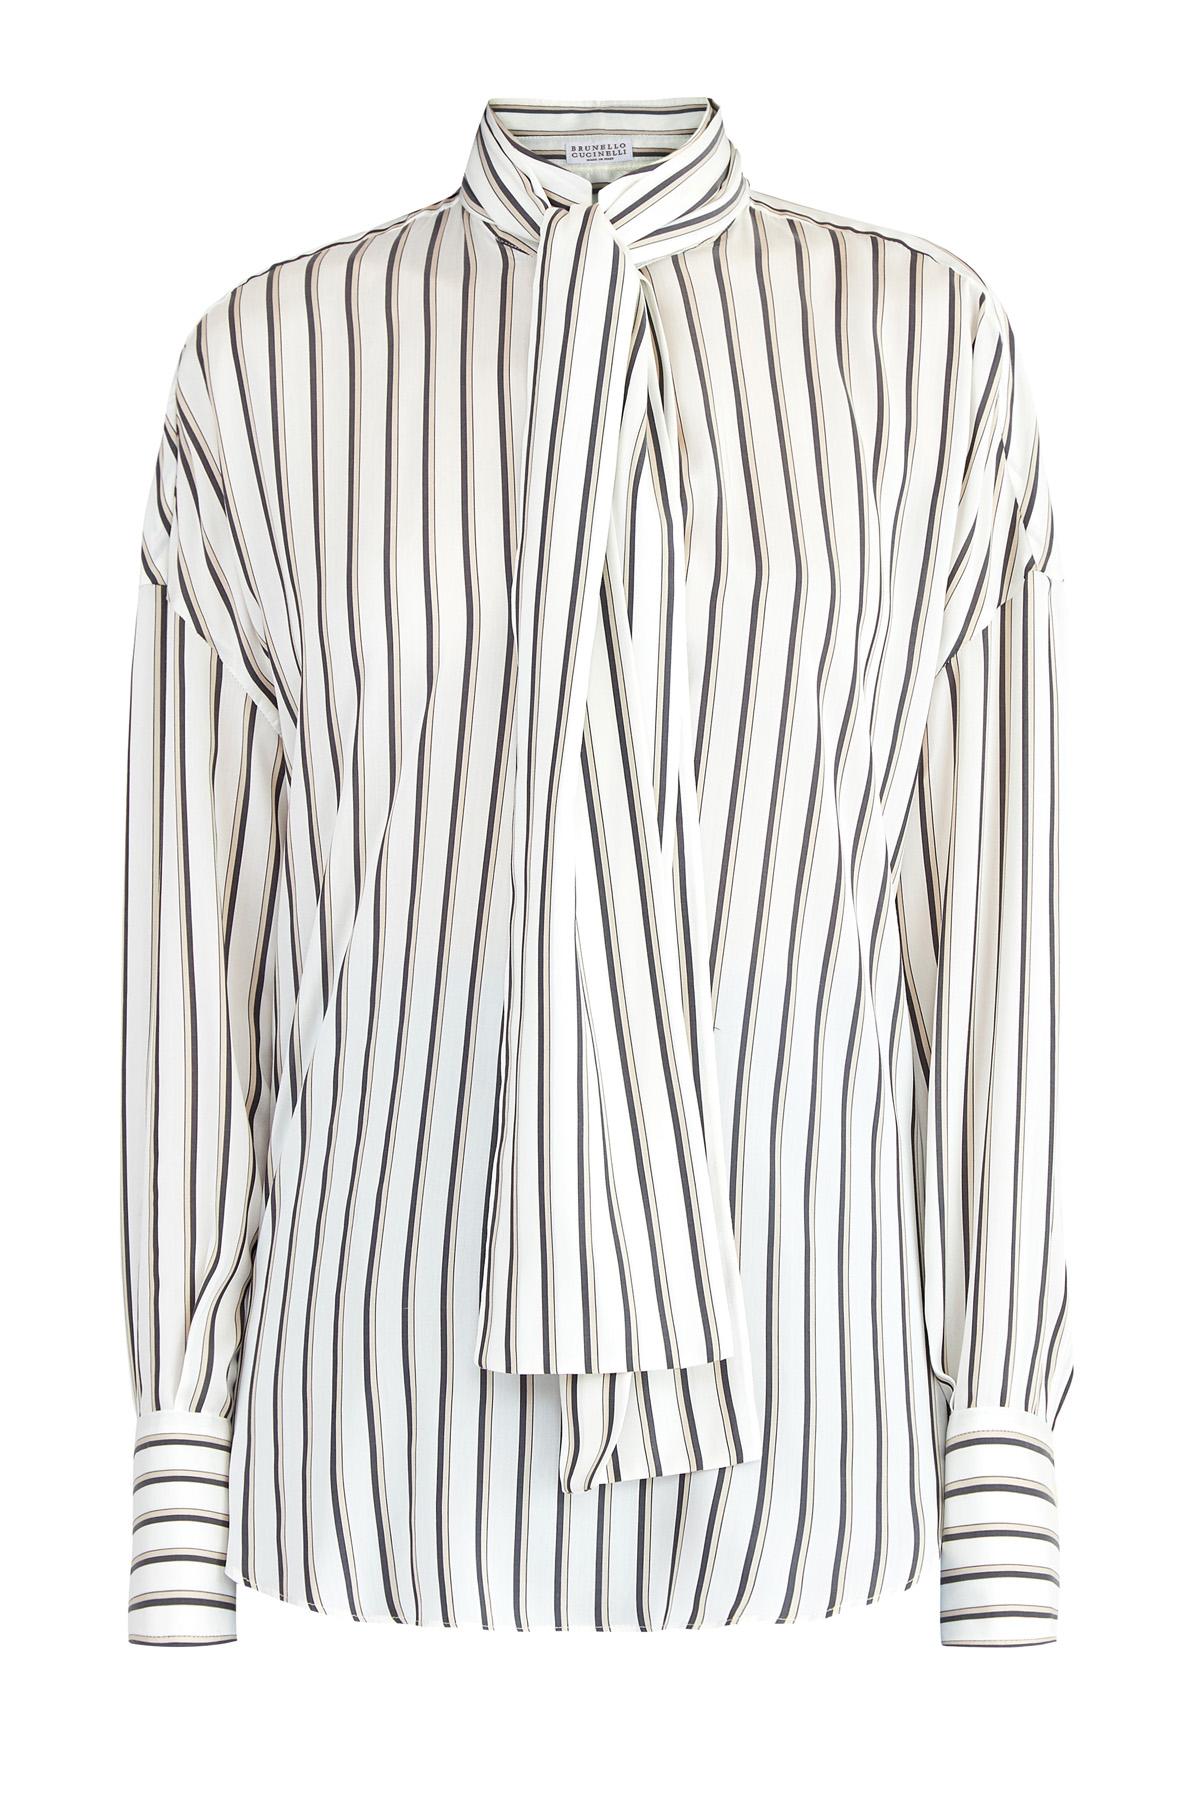 Купить со скидкой Шелковая блуза сдублирующей полоской илентой-галстуком